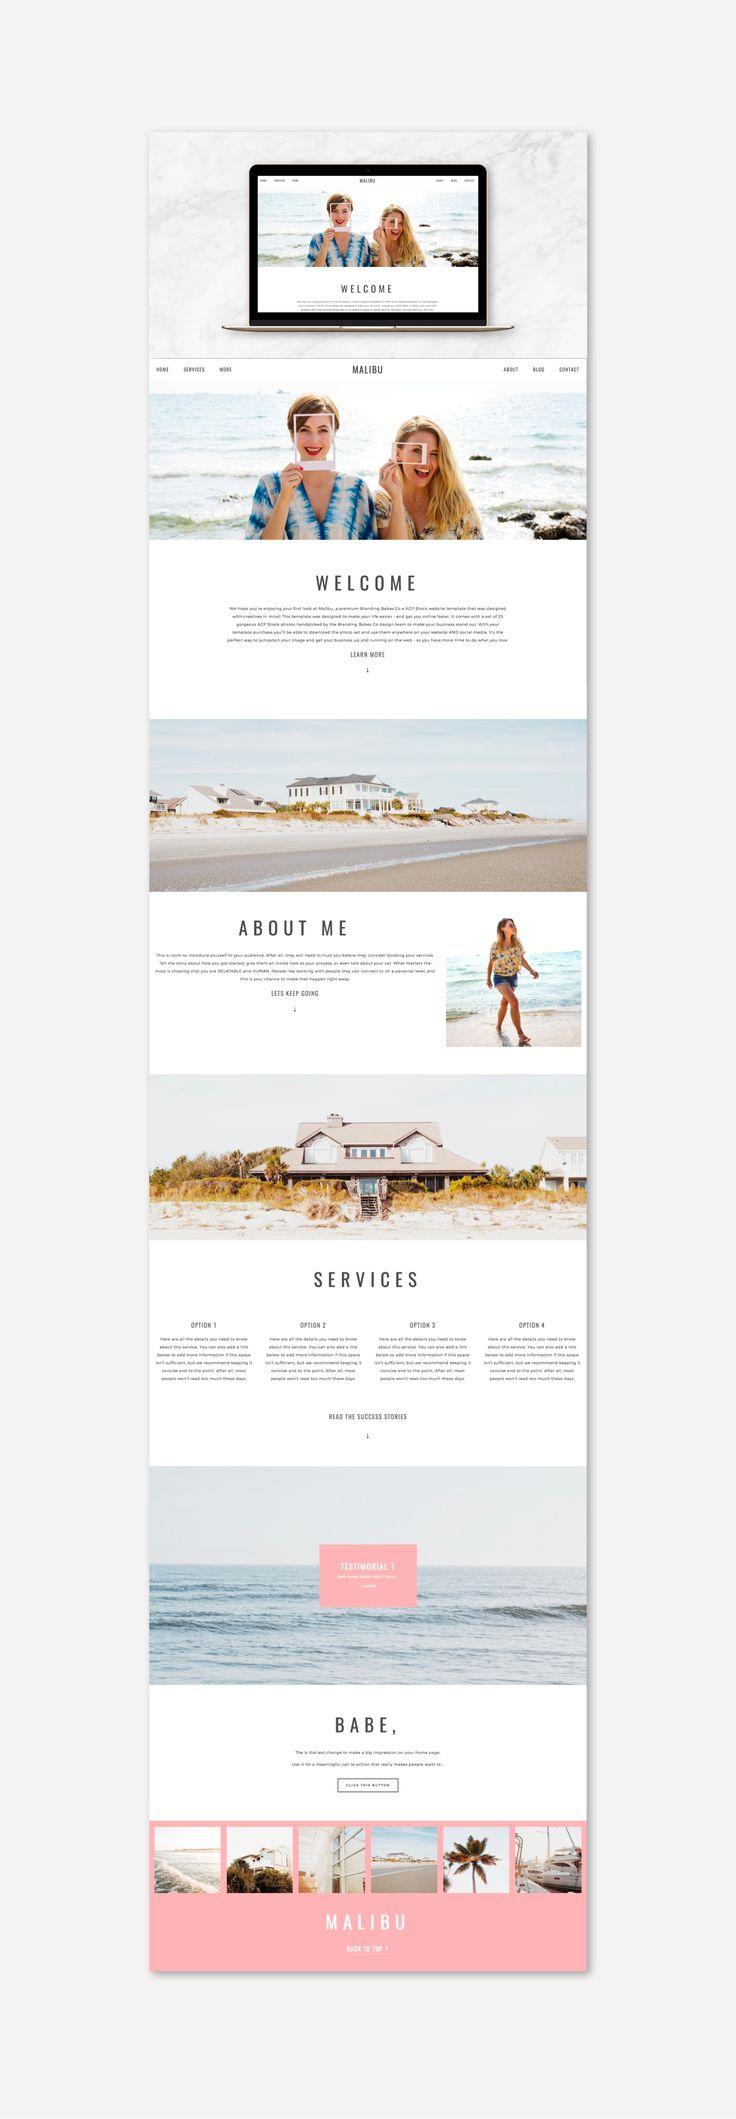 13 Best Shop Squarespace Designs Images On Pinterest